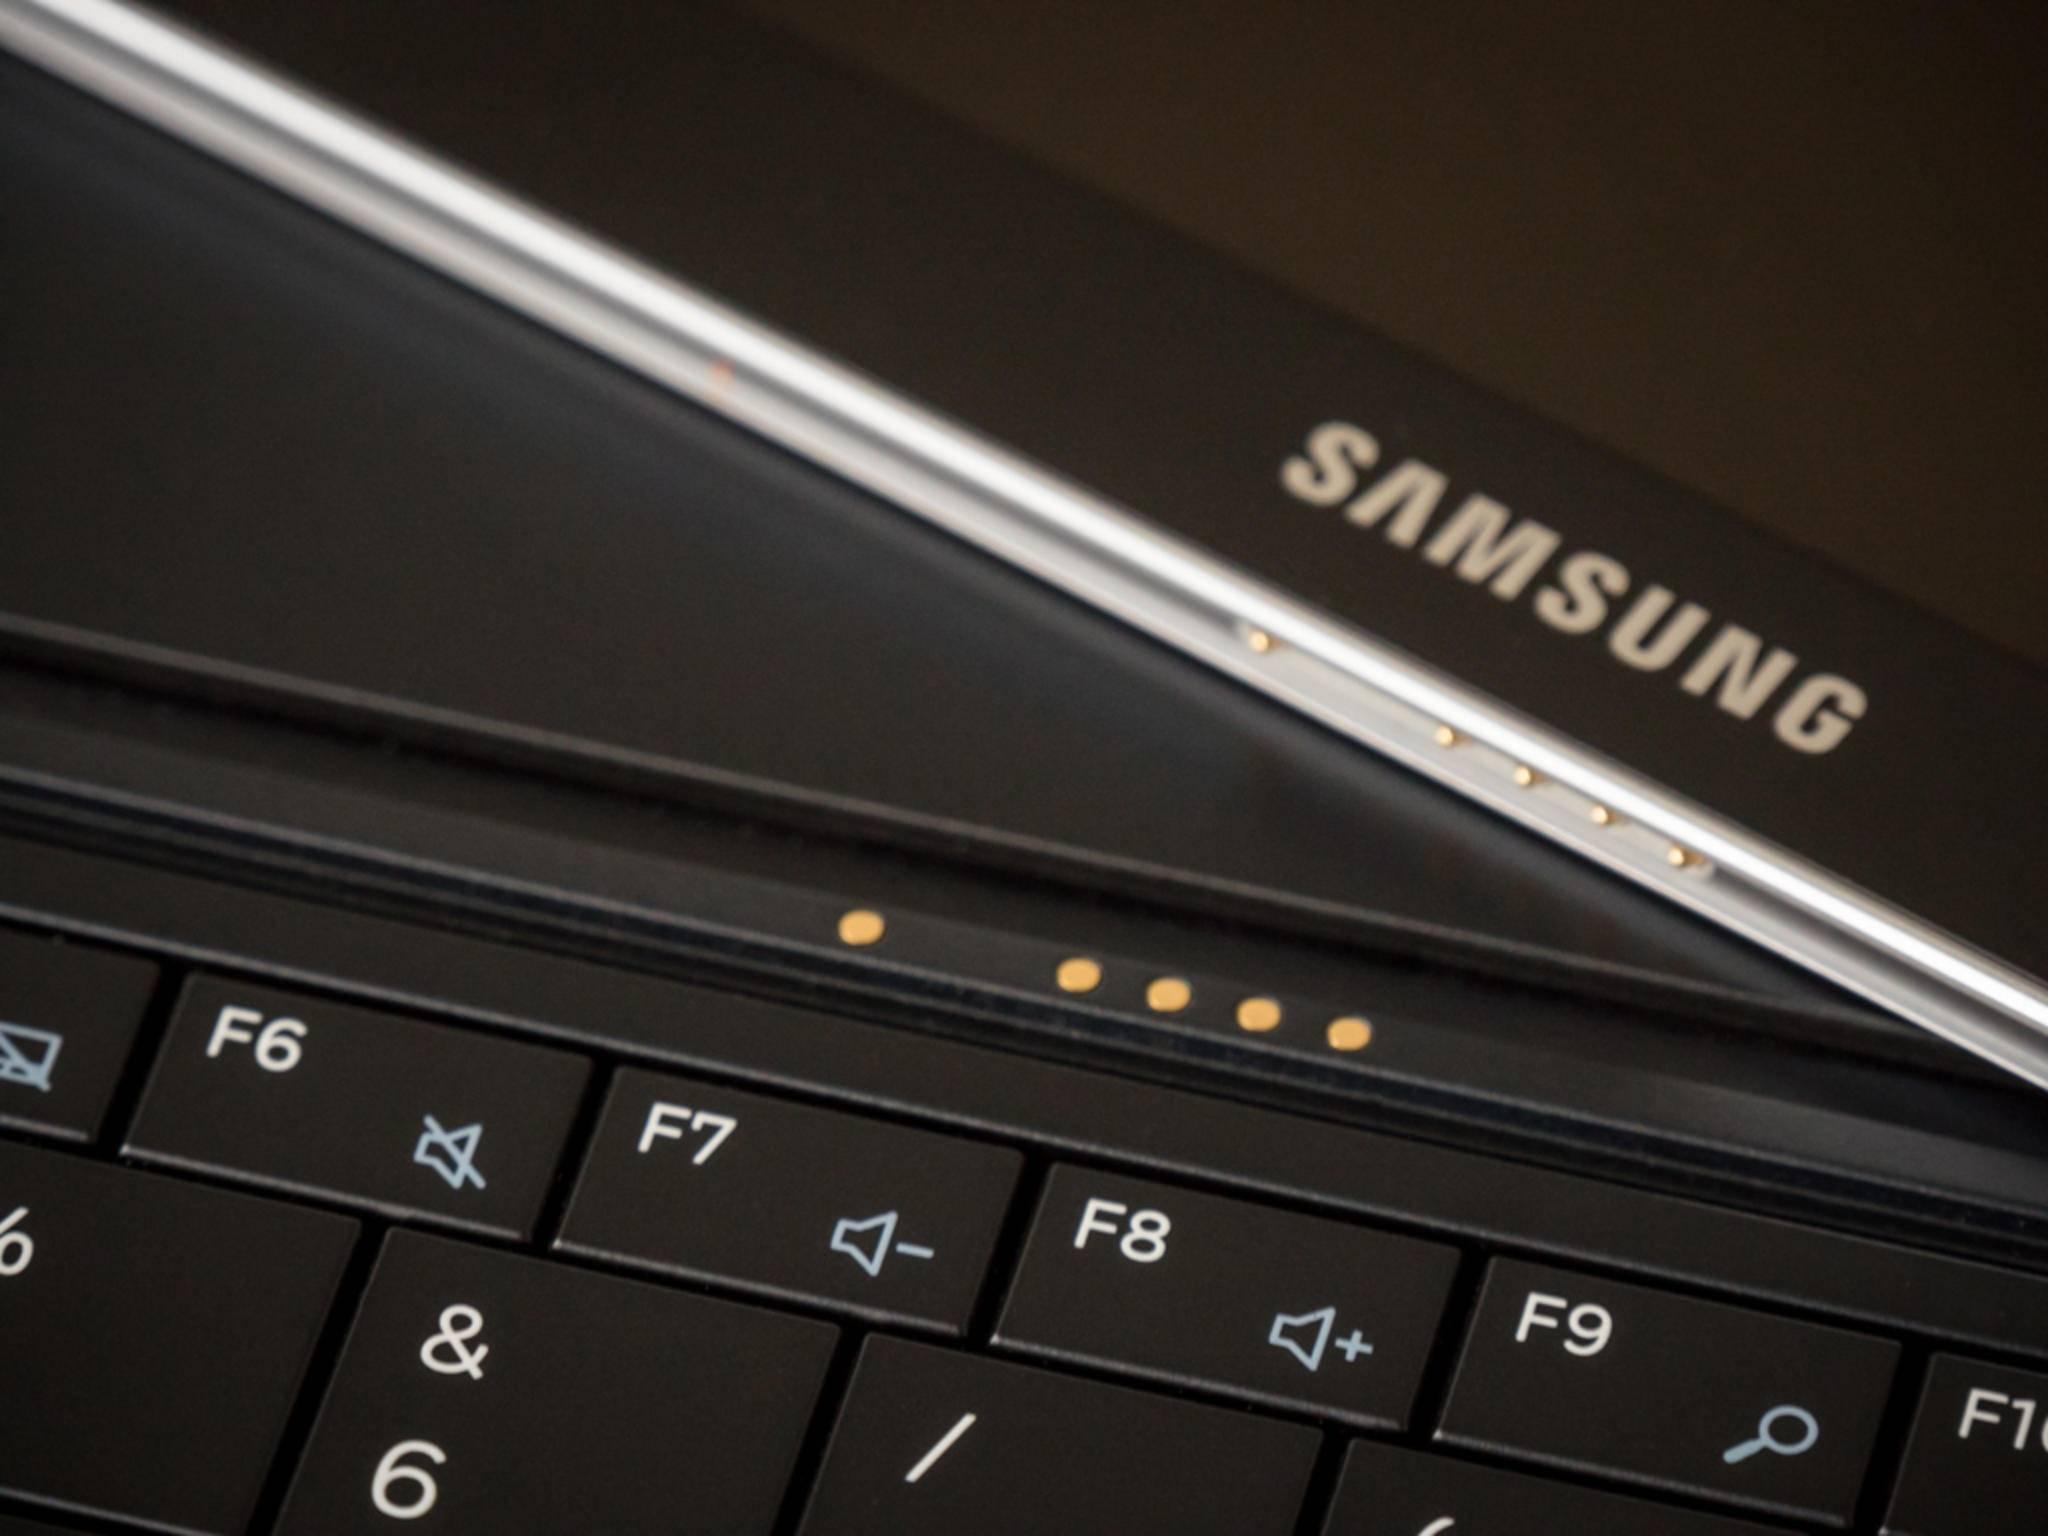 Die Tastatur rastet magnetisch ein.